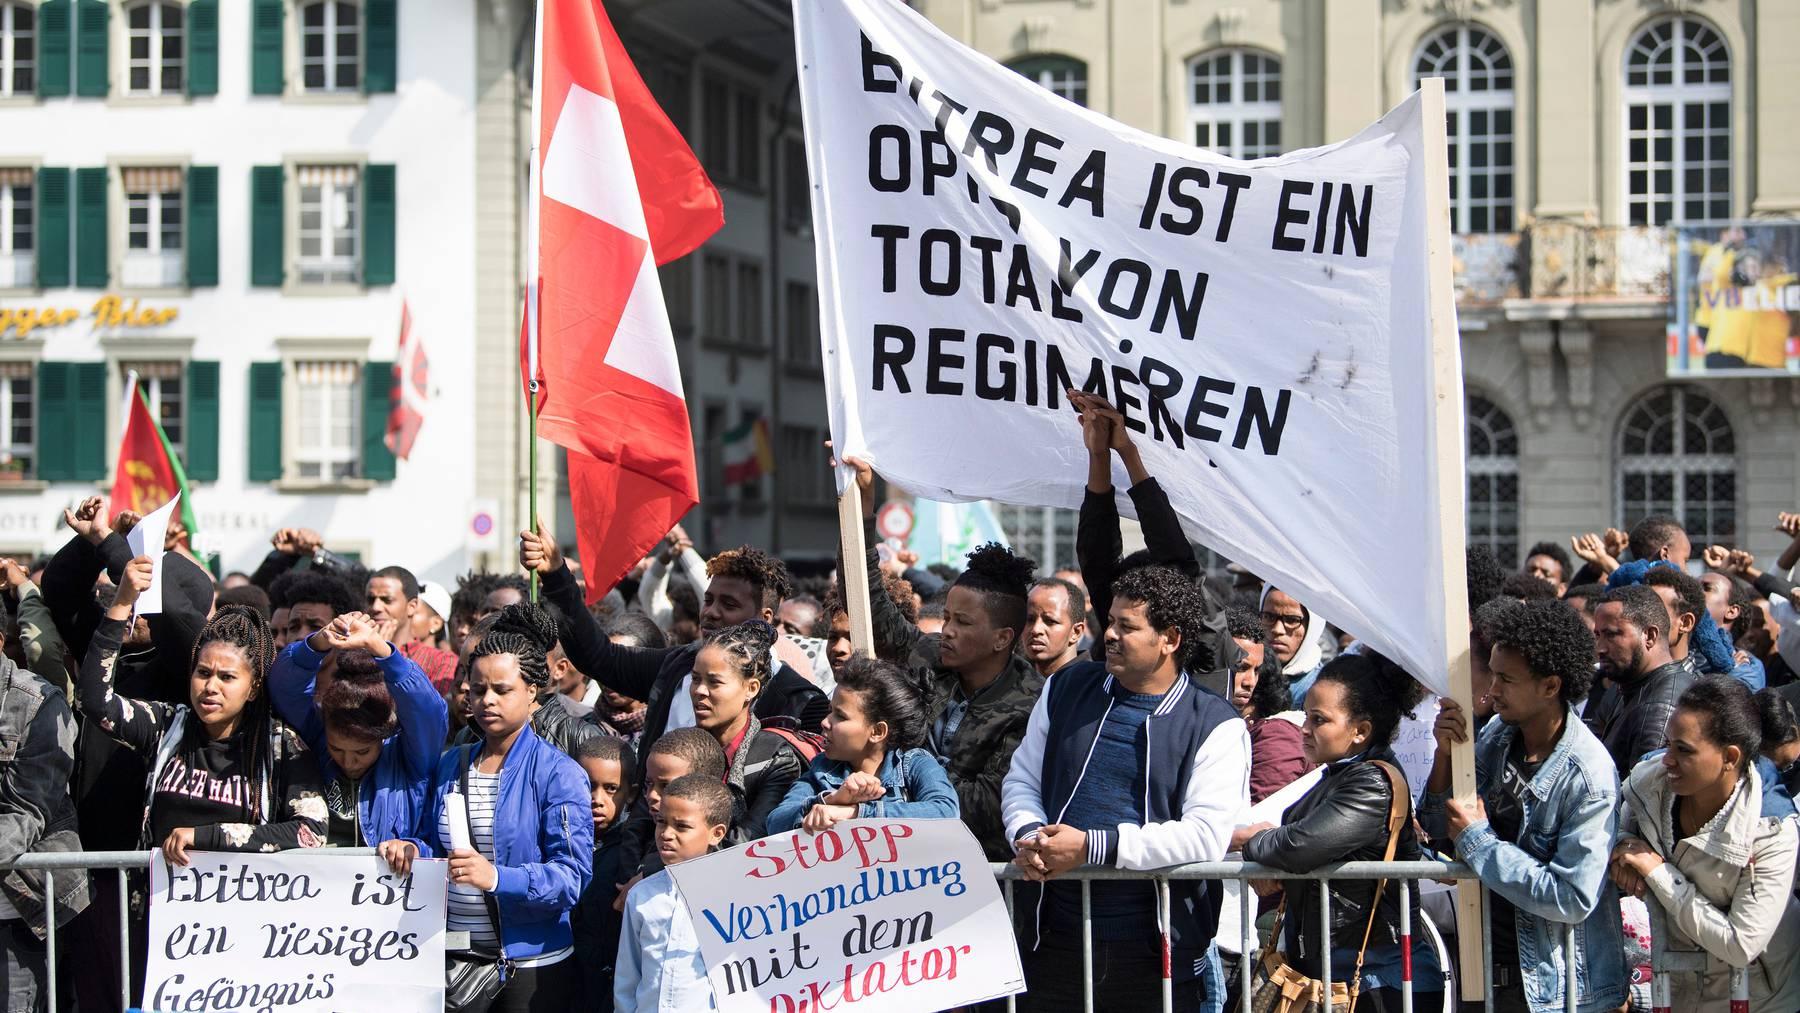 Eritreer demonstrieren in der Schweiz.